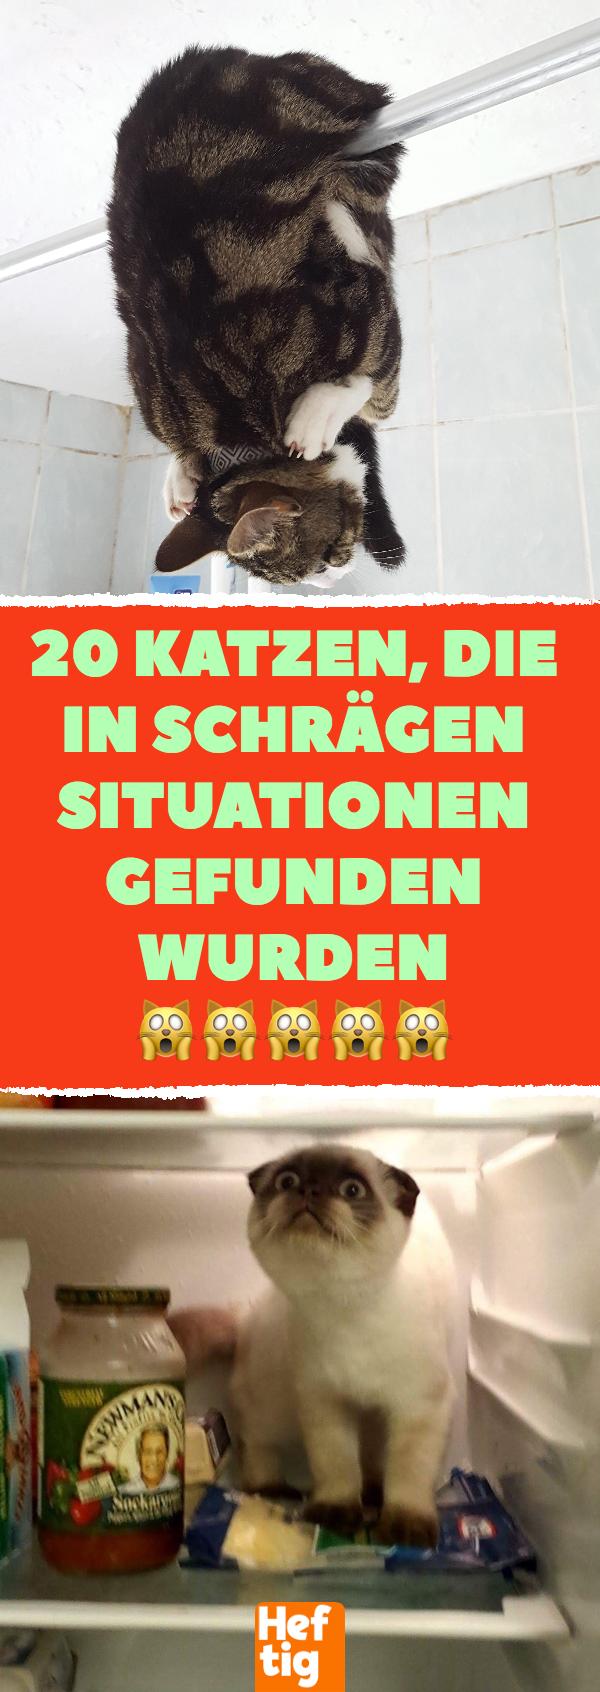 Photo of 20 Katzen in seltsamen Situationen gefunden. #cat #cats #photos # …